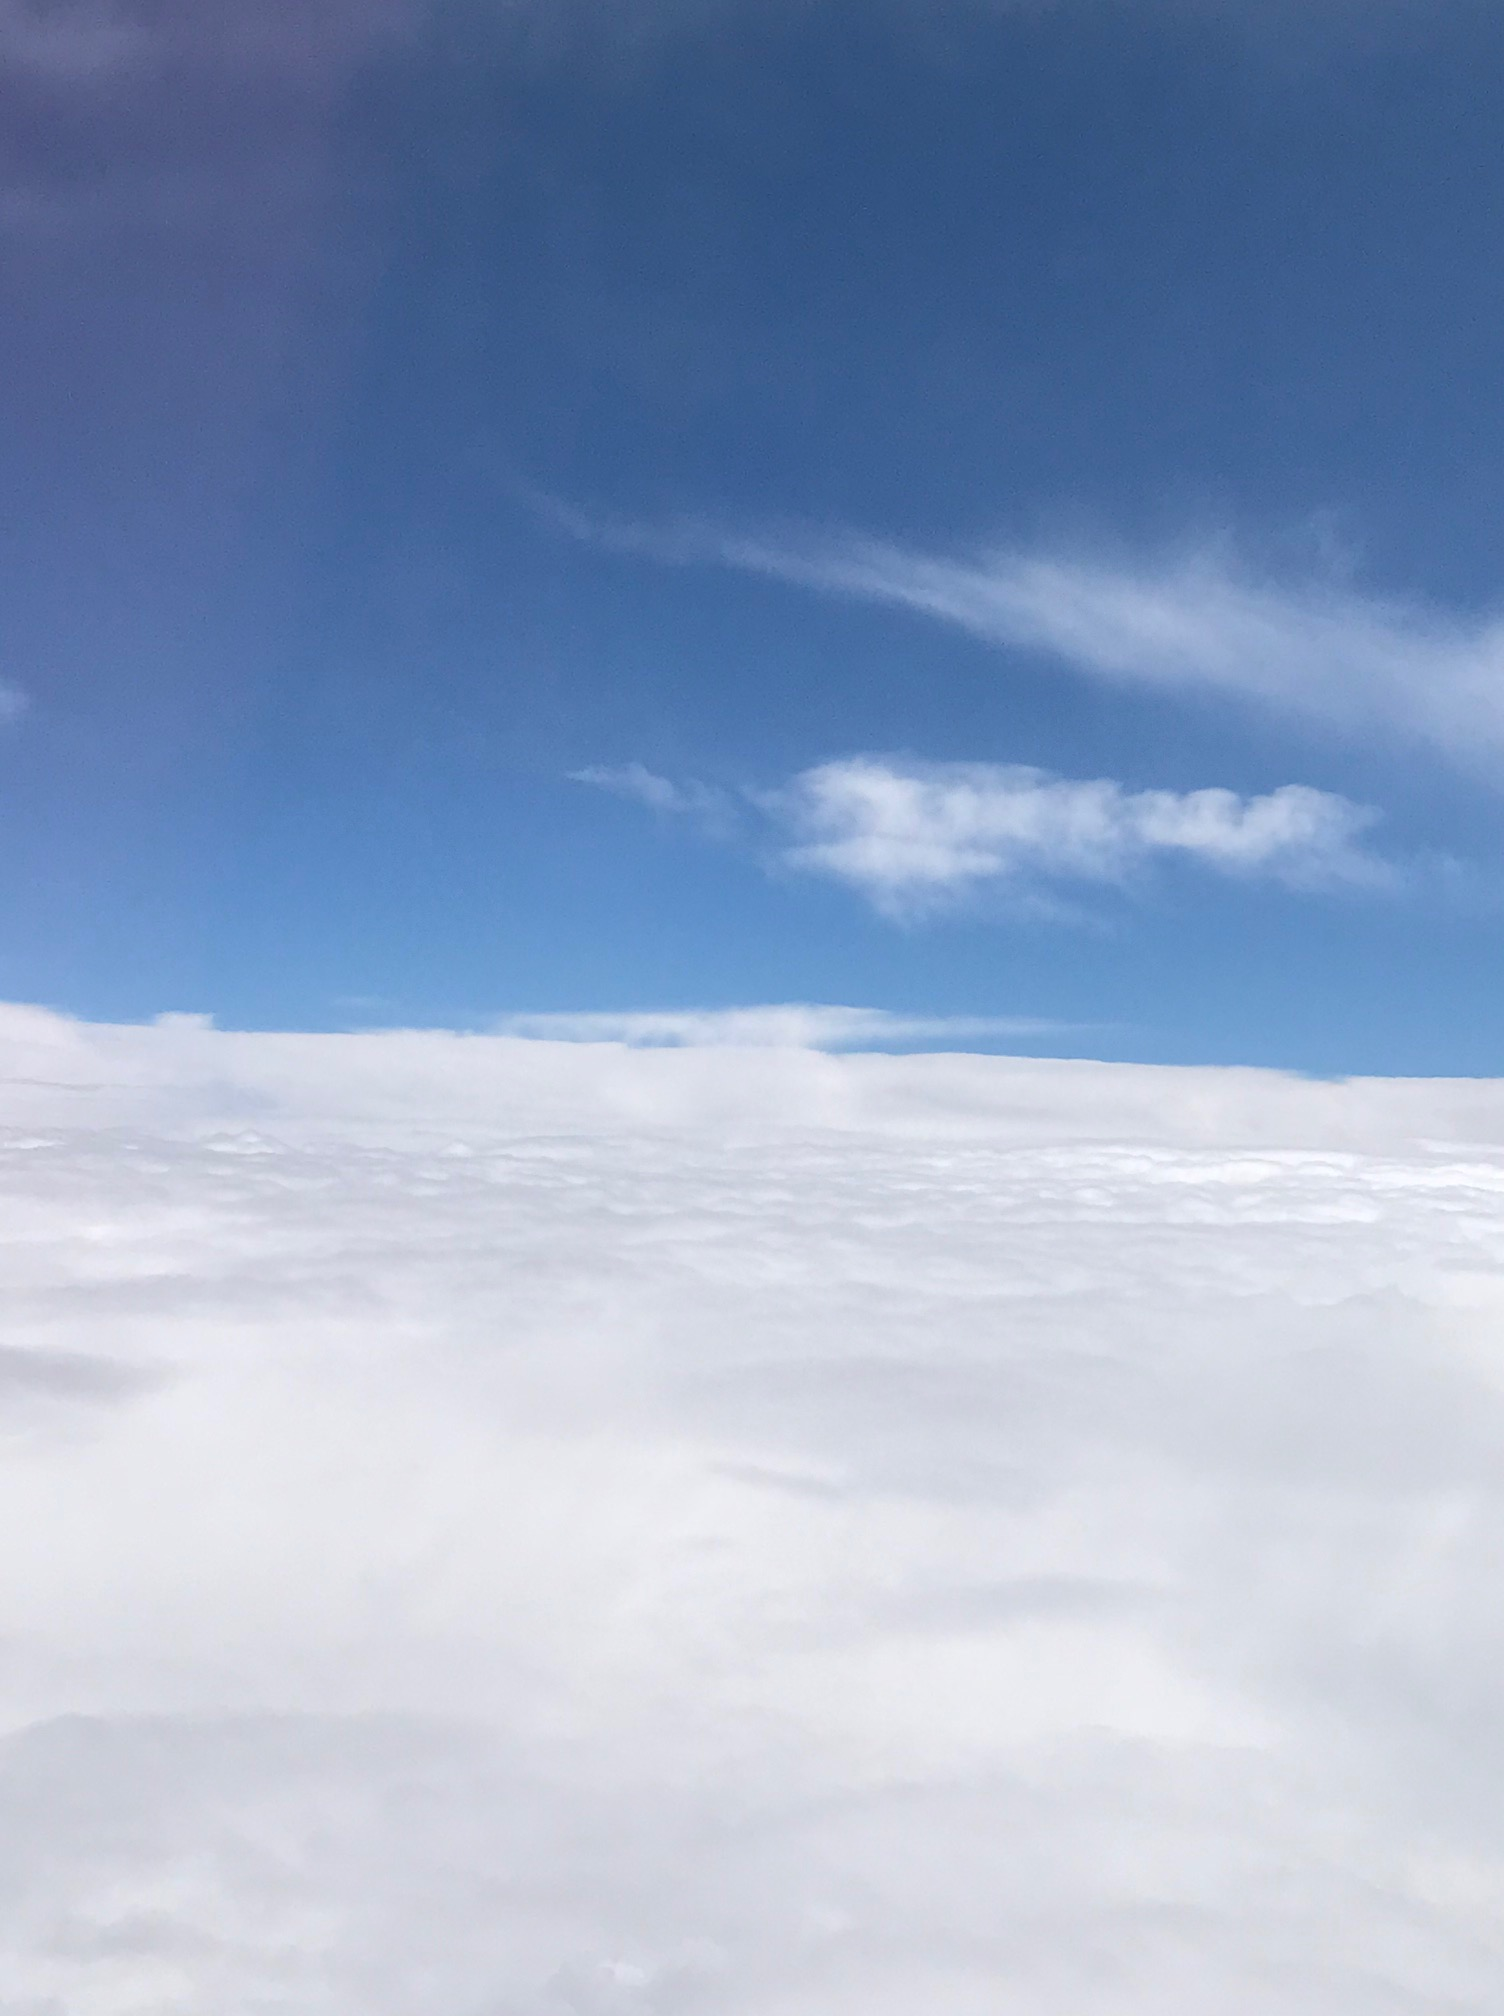 福岡へ向かう飛行機から見えた、青空と雲海